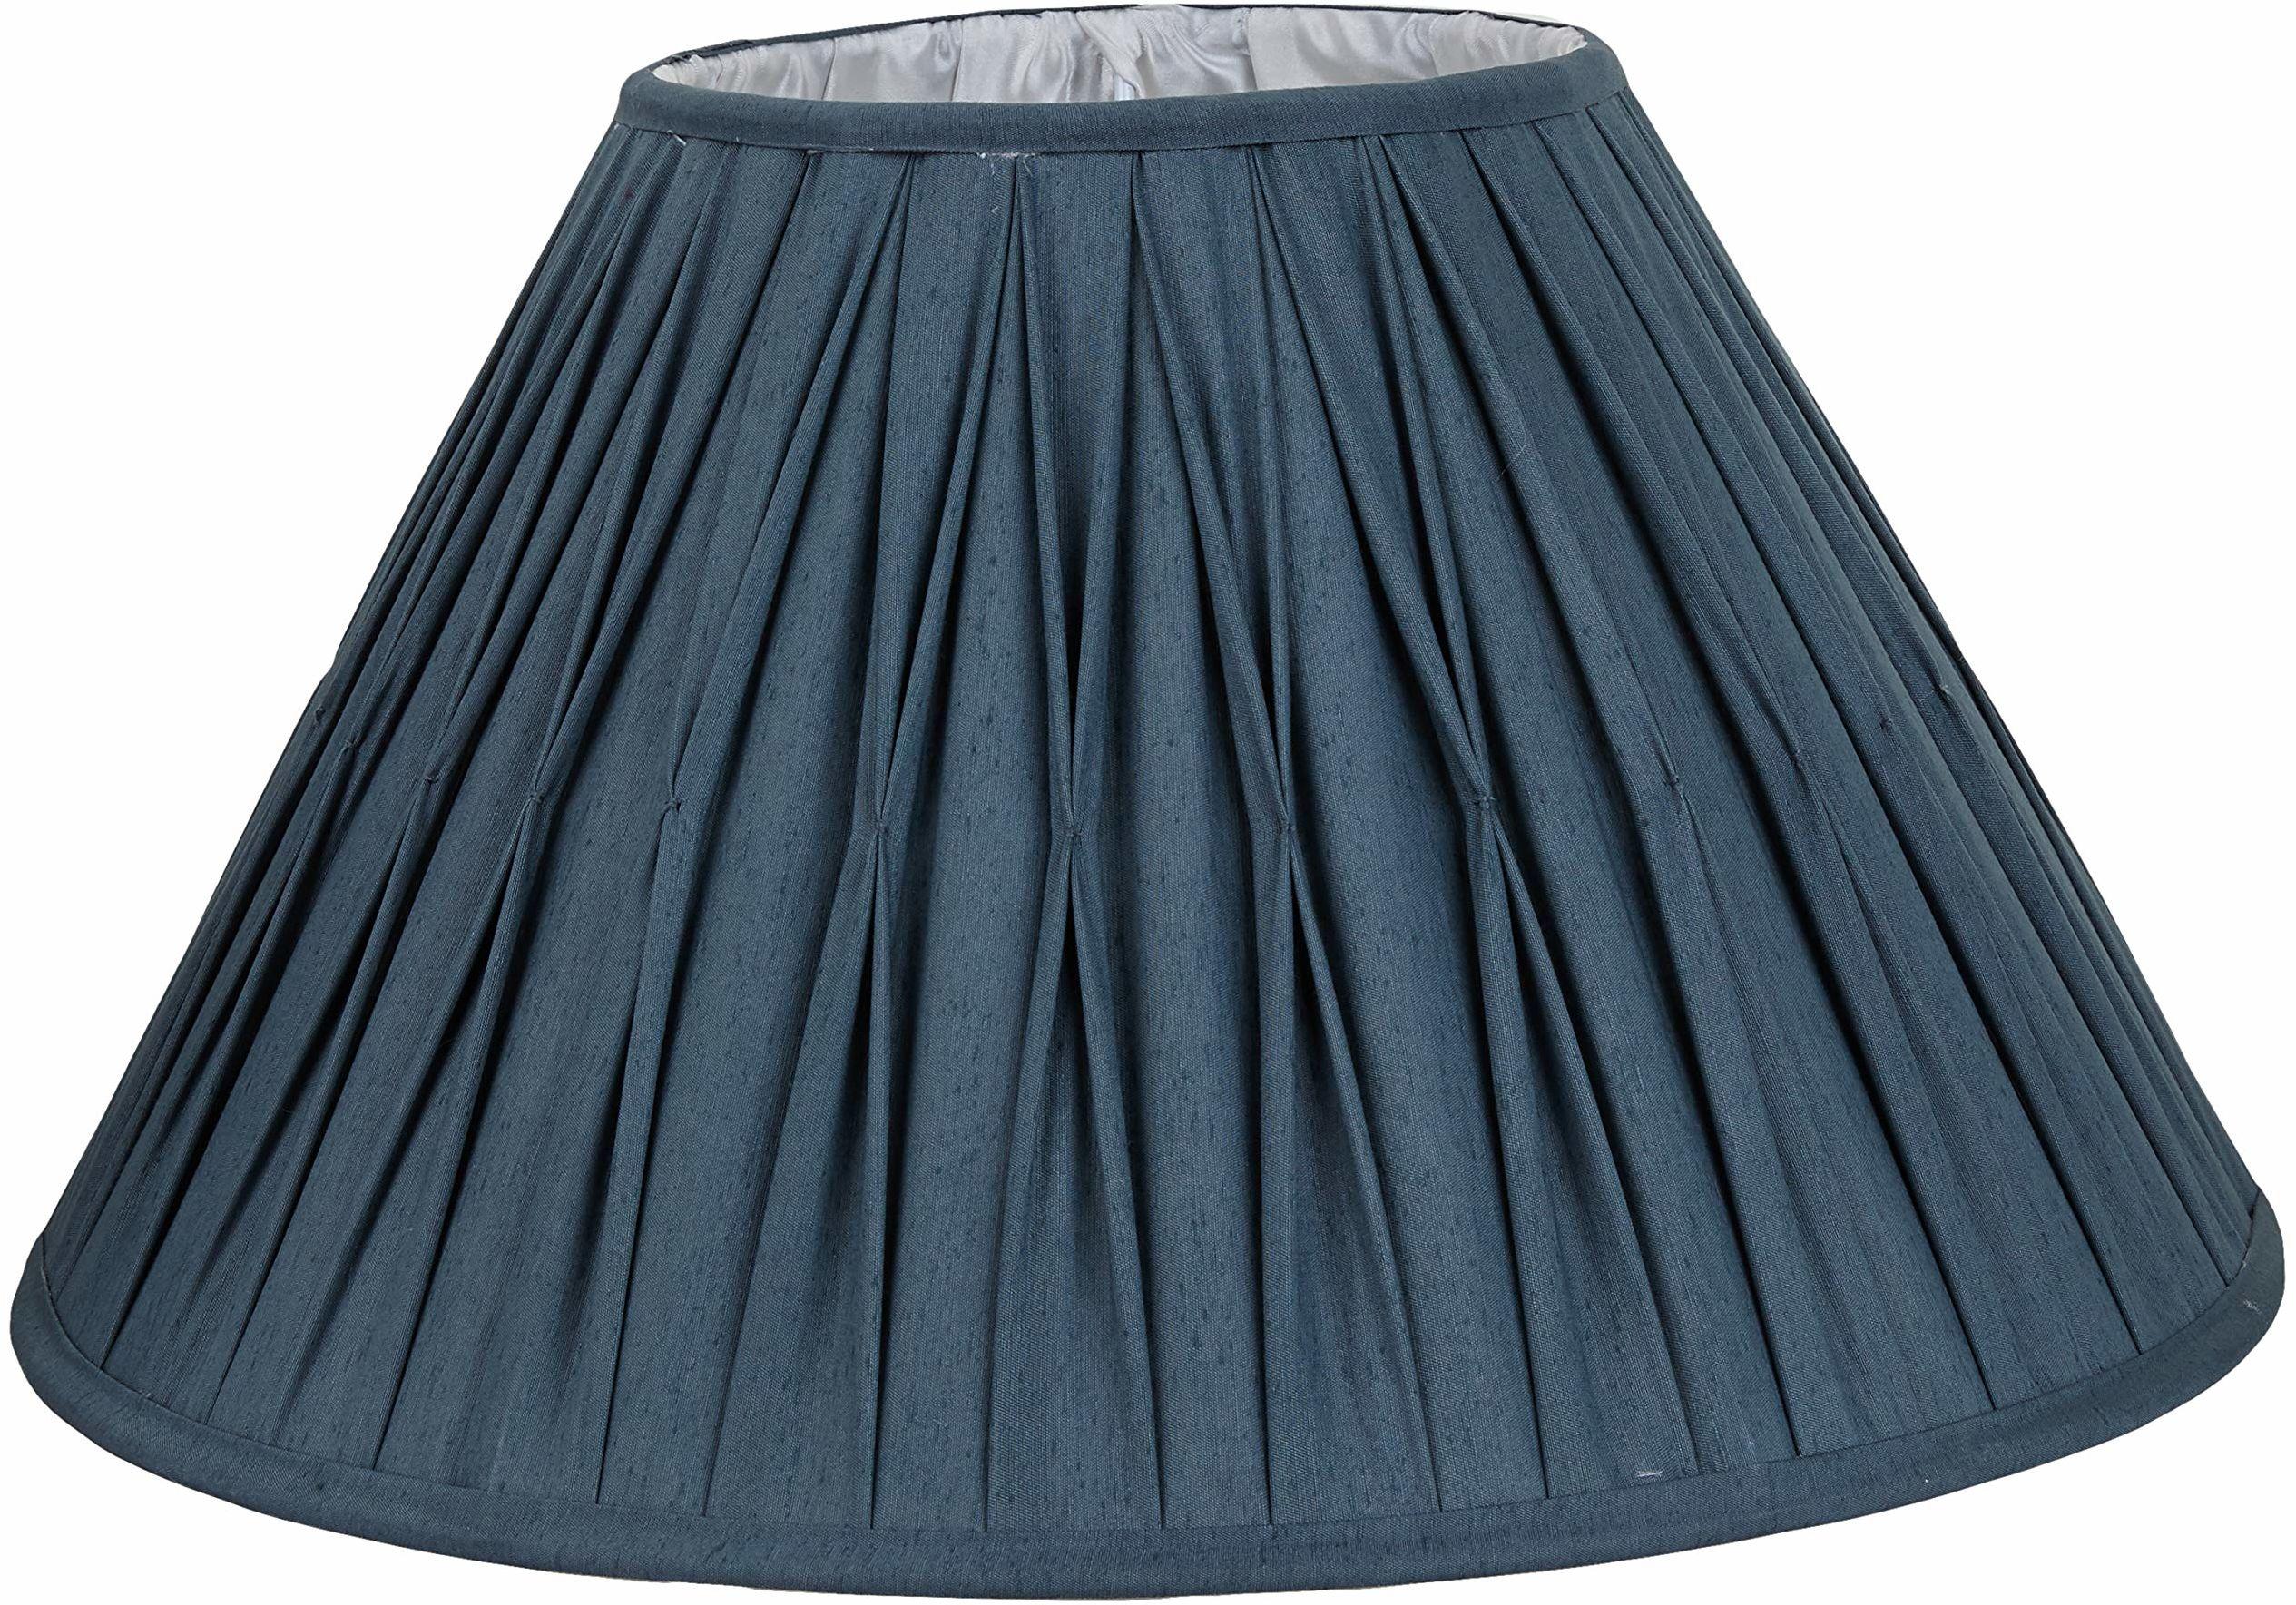 Better & Best 0212451  klosz z jedwabiu, katedralny, 45 cm, niebieski